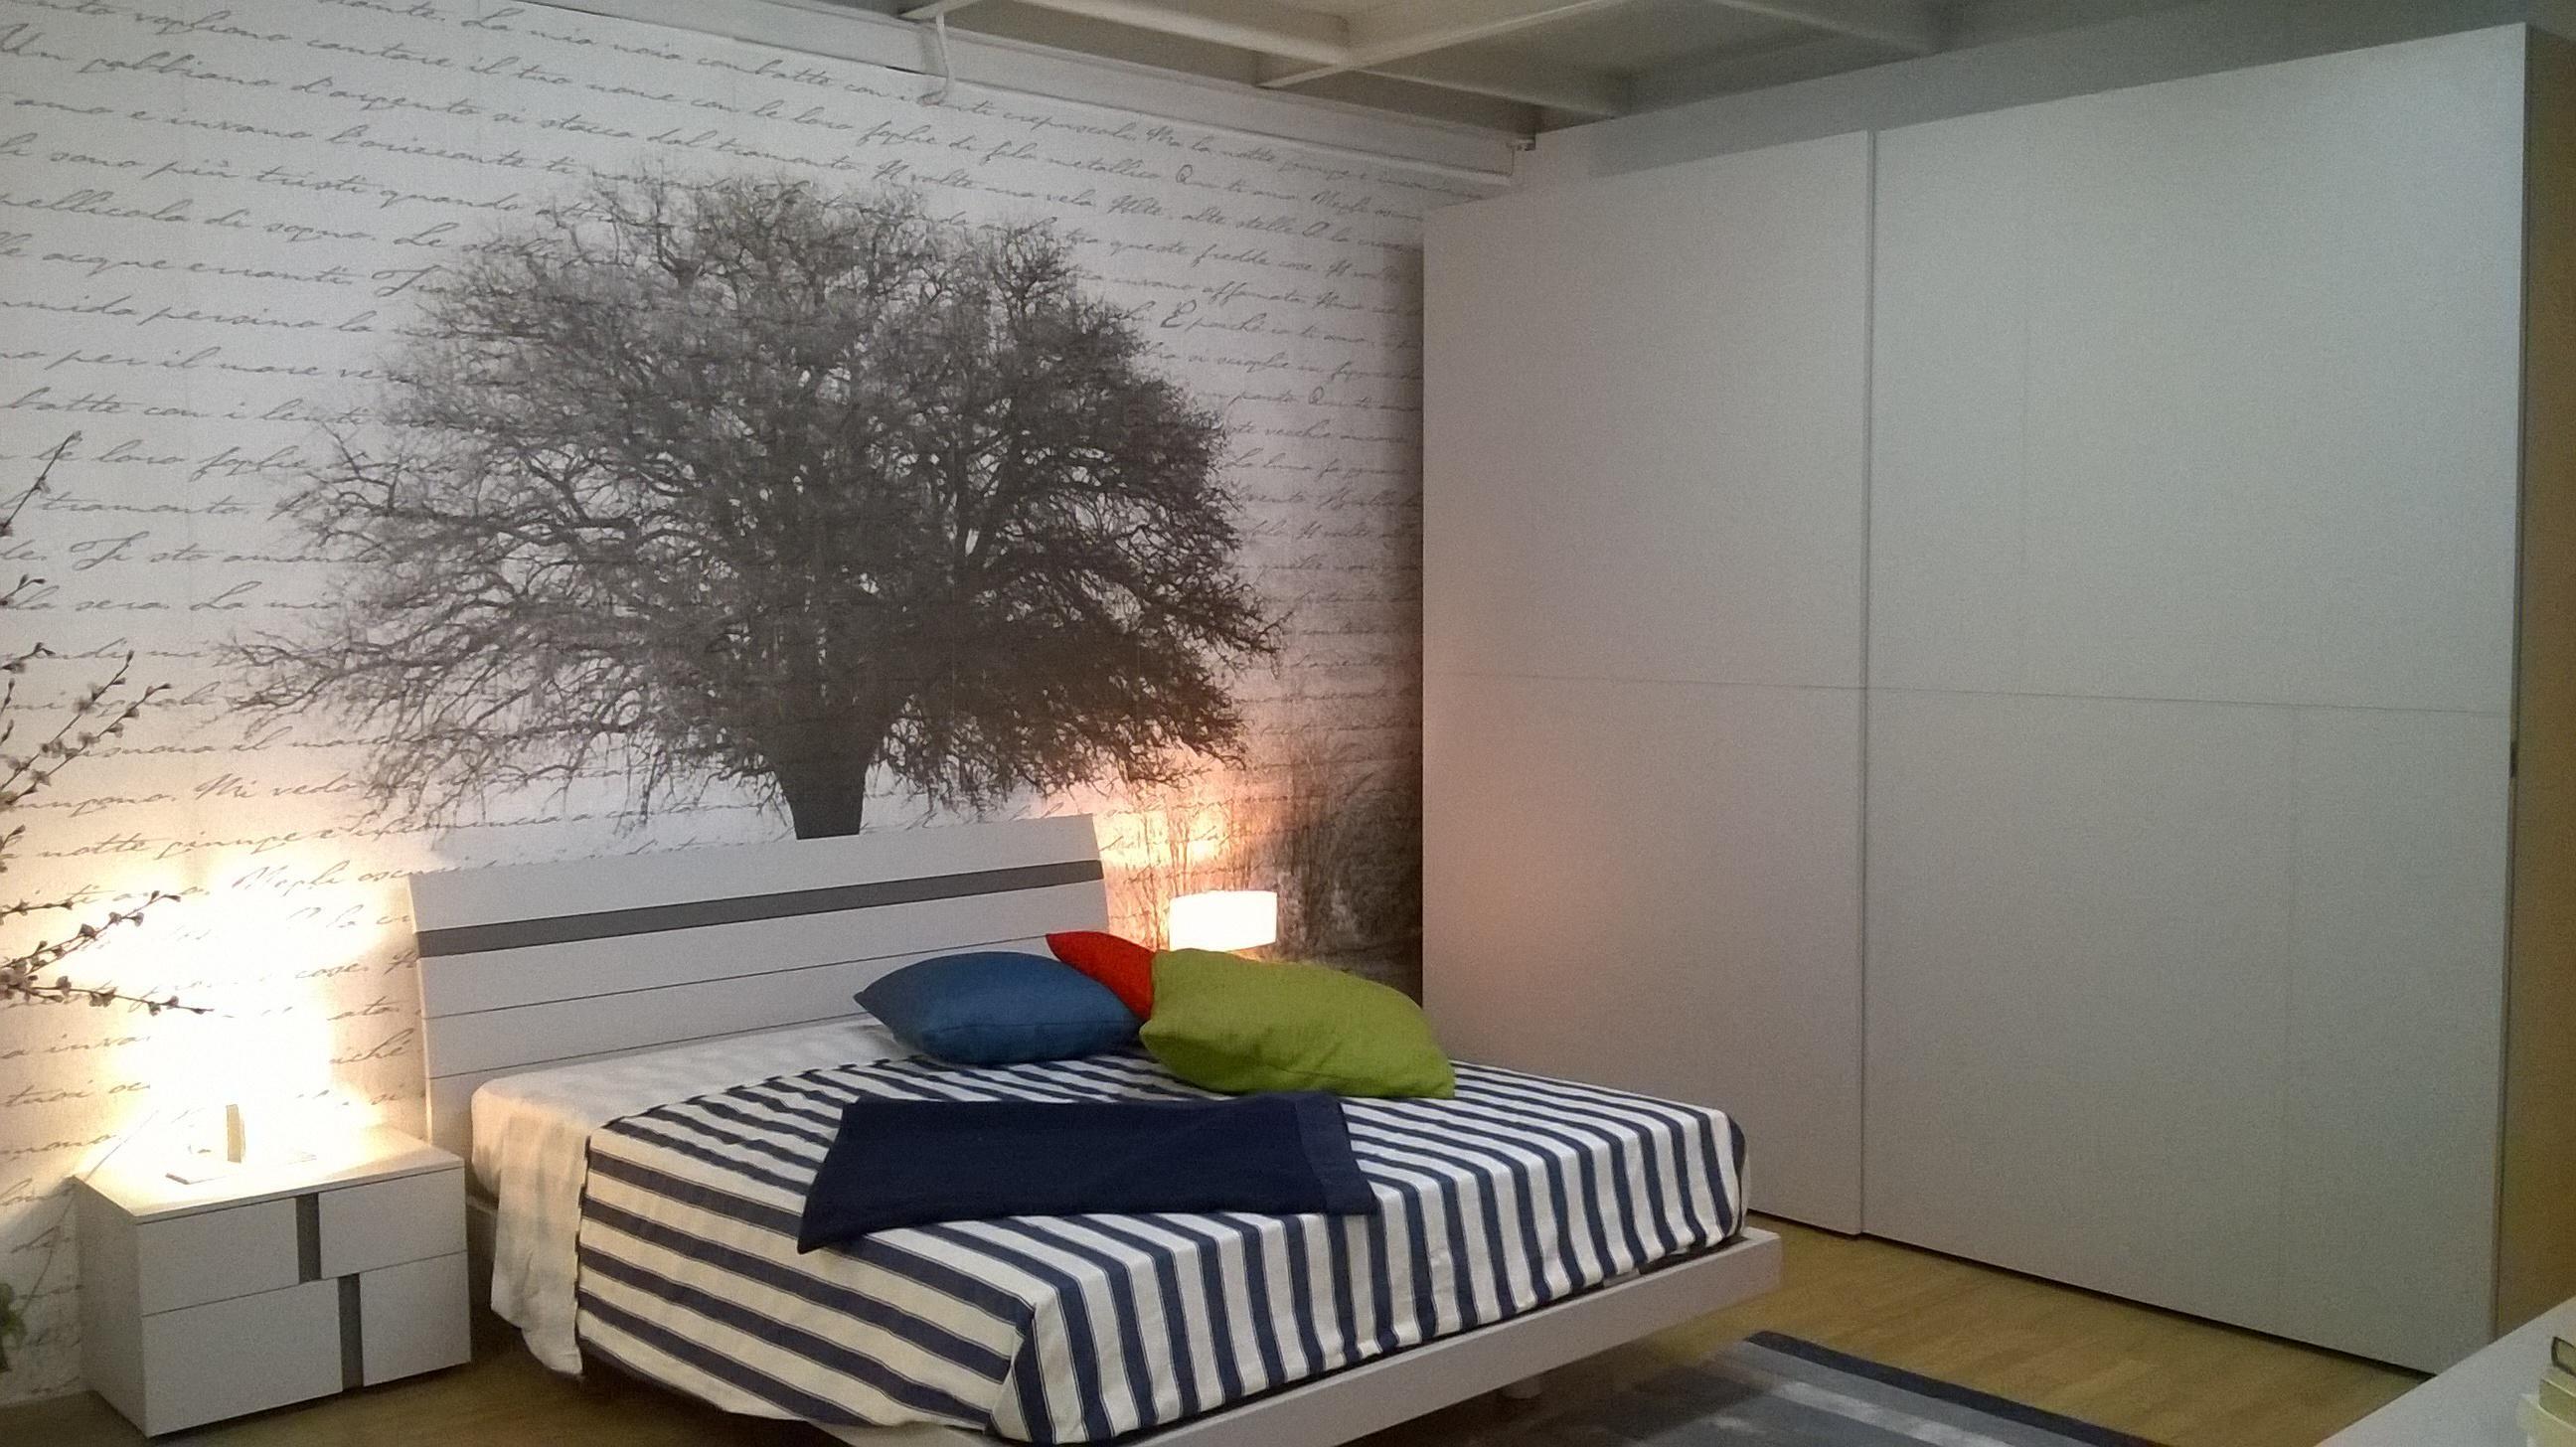 camera da letto tomasella in promozione camere a prezzi